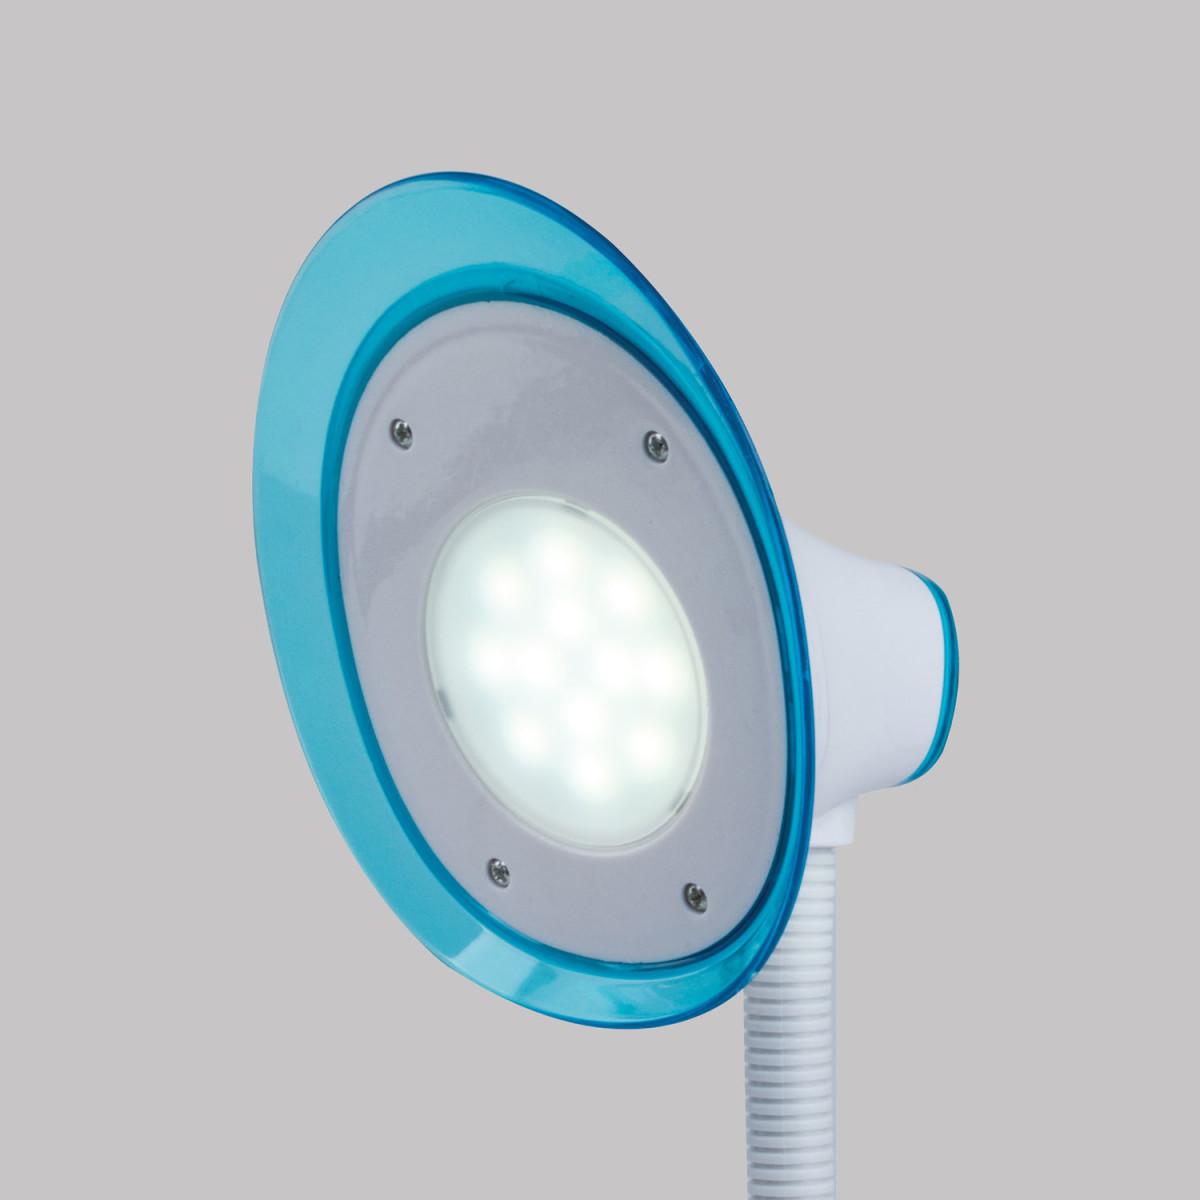 Светильник настольный SONNEN OU-608, на подставке, светодиодный, 5 Вт, белый/синий, 236669 (арт. 236669)